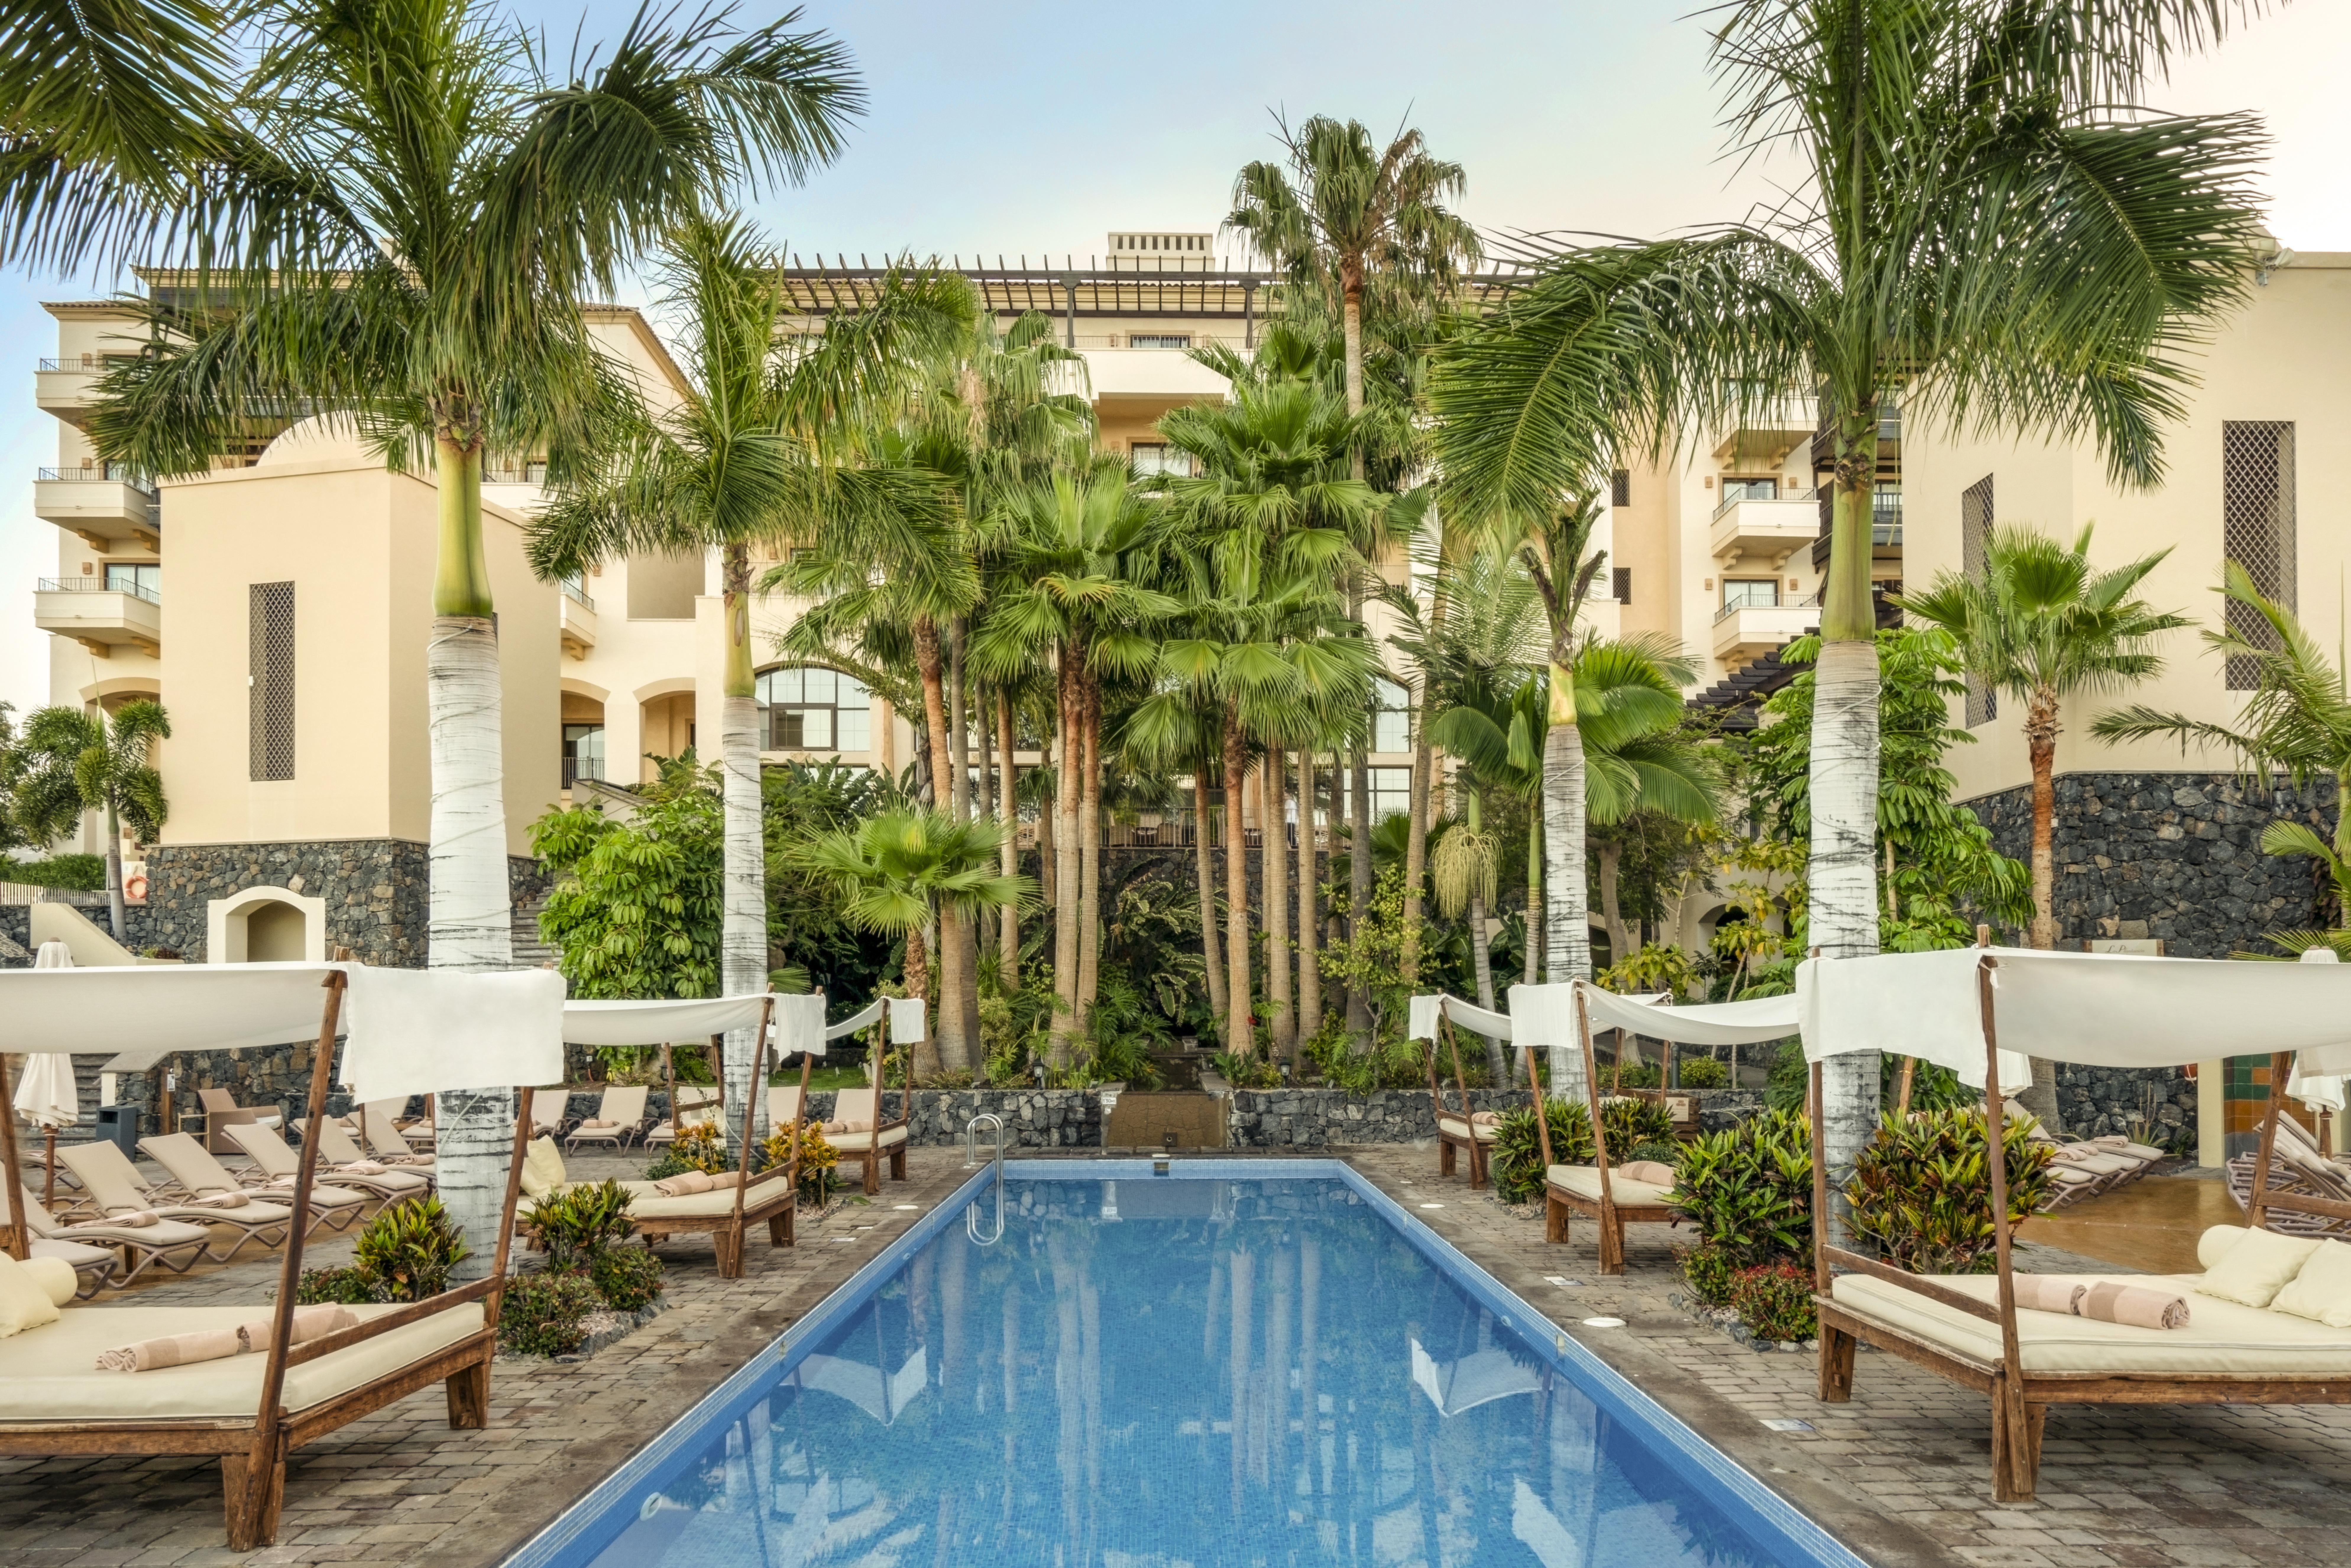 hotel vincci plantacion del sur en tenerife